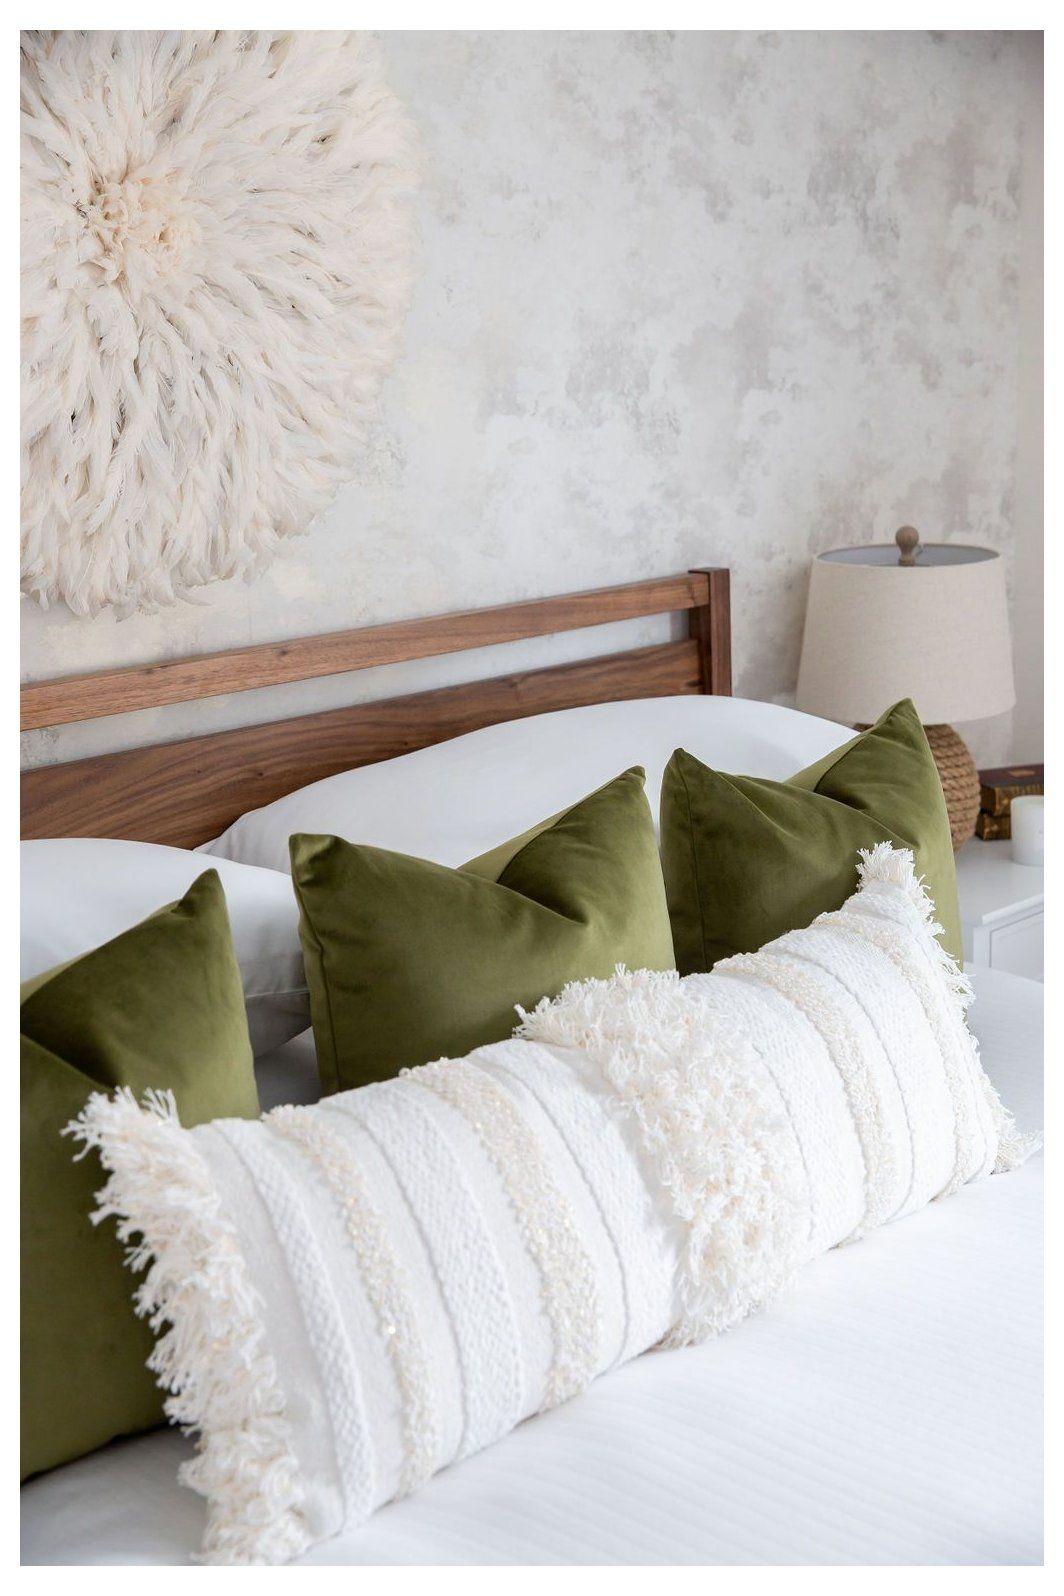 Design Tip Styling Pillows On Beds Design Tip Styling Pillows On Beds My Favourite Stylish No Fuss P In 2020 Bed Pillow Arrangement Bed Pillows Pillow Arrangement